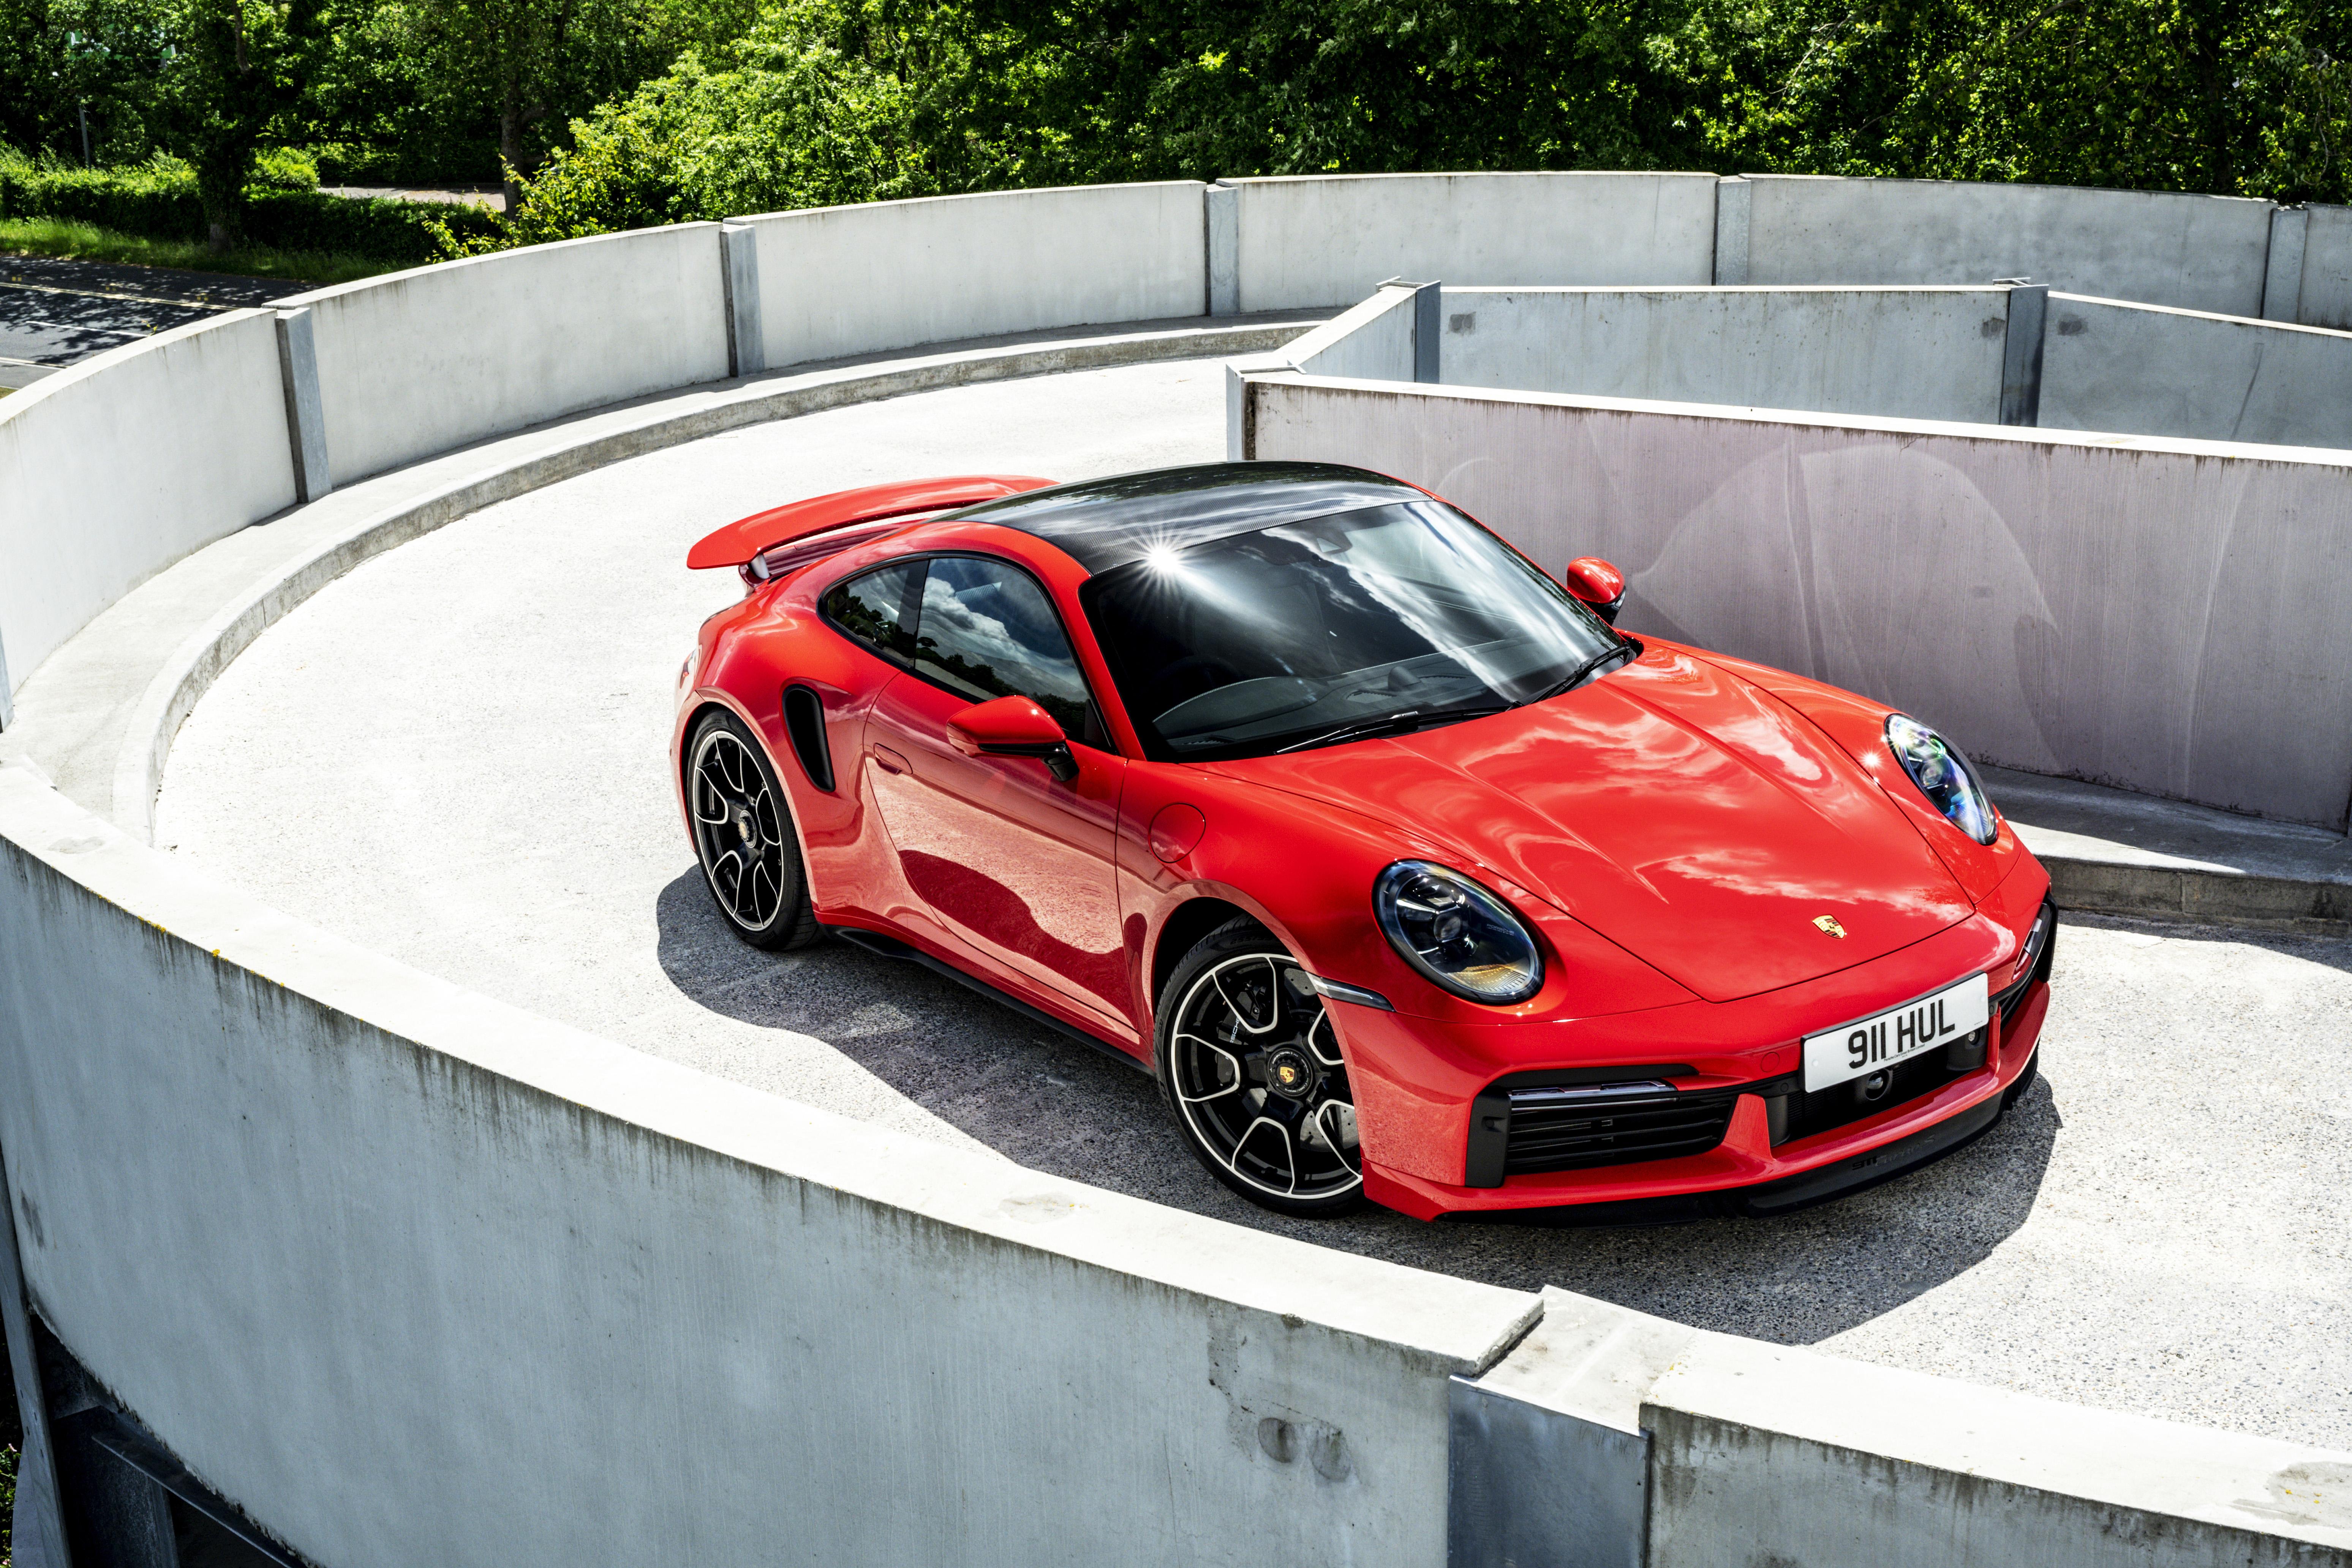 Porsche 911 Turbo S 4k Wallpaper 2020 5k Cars 1243